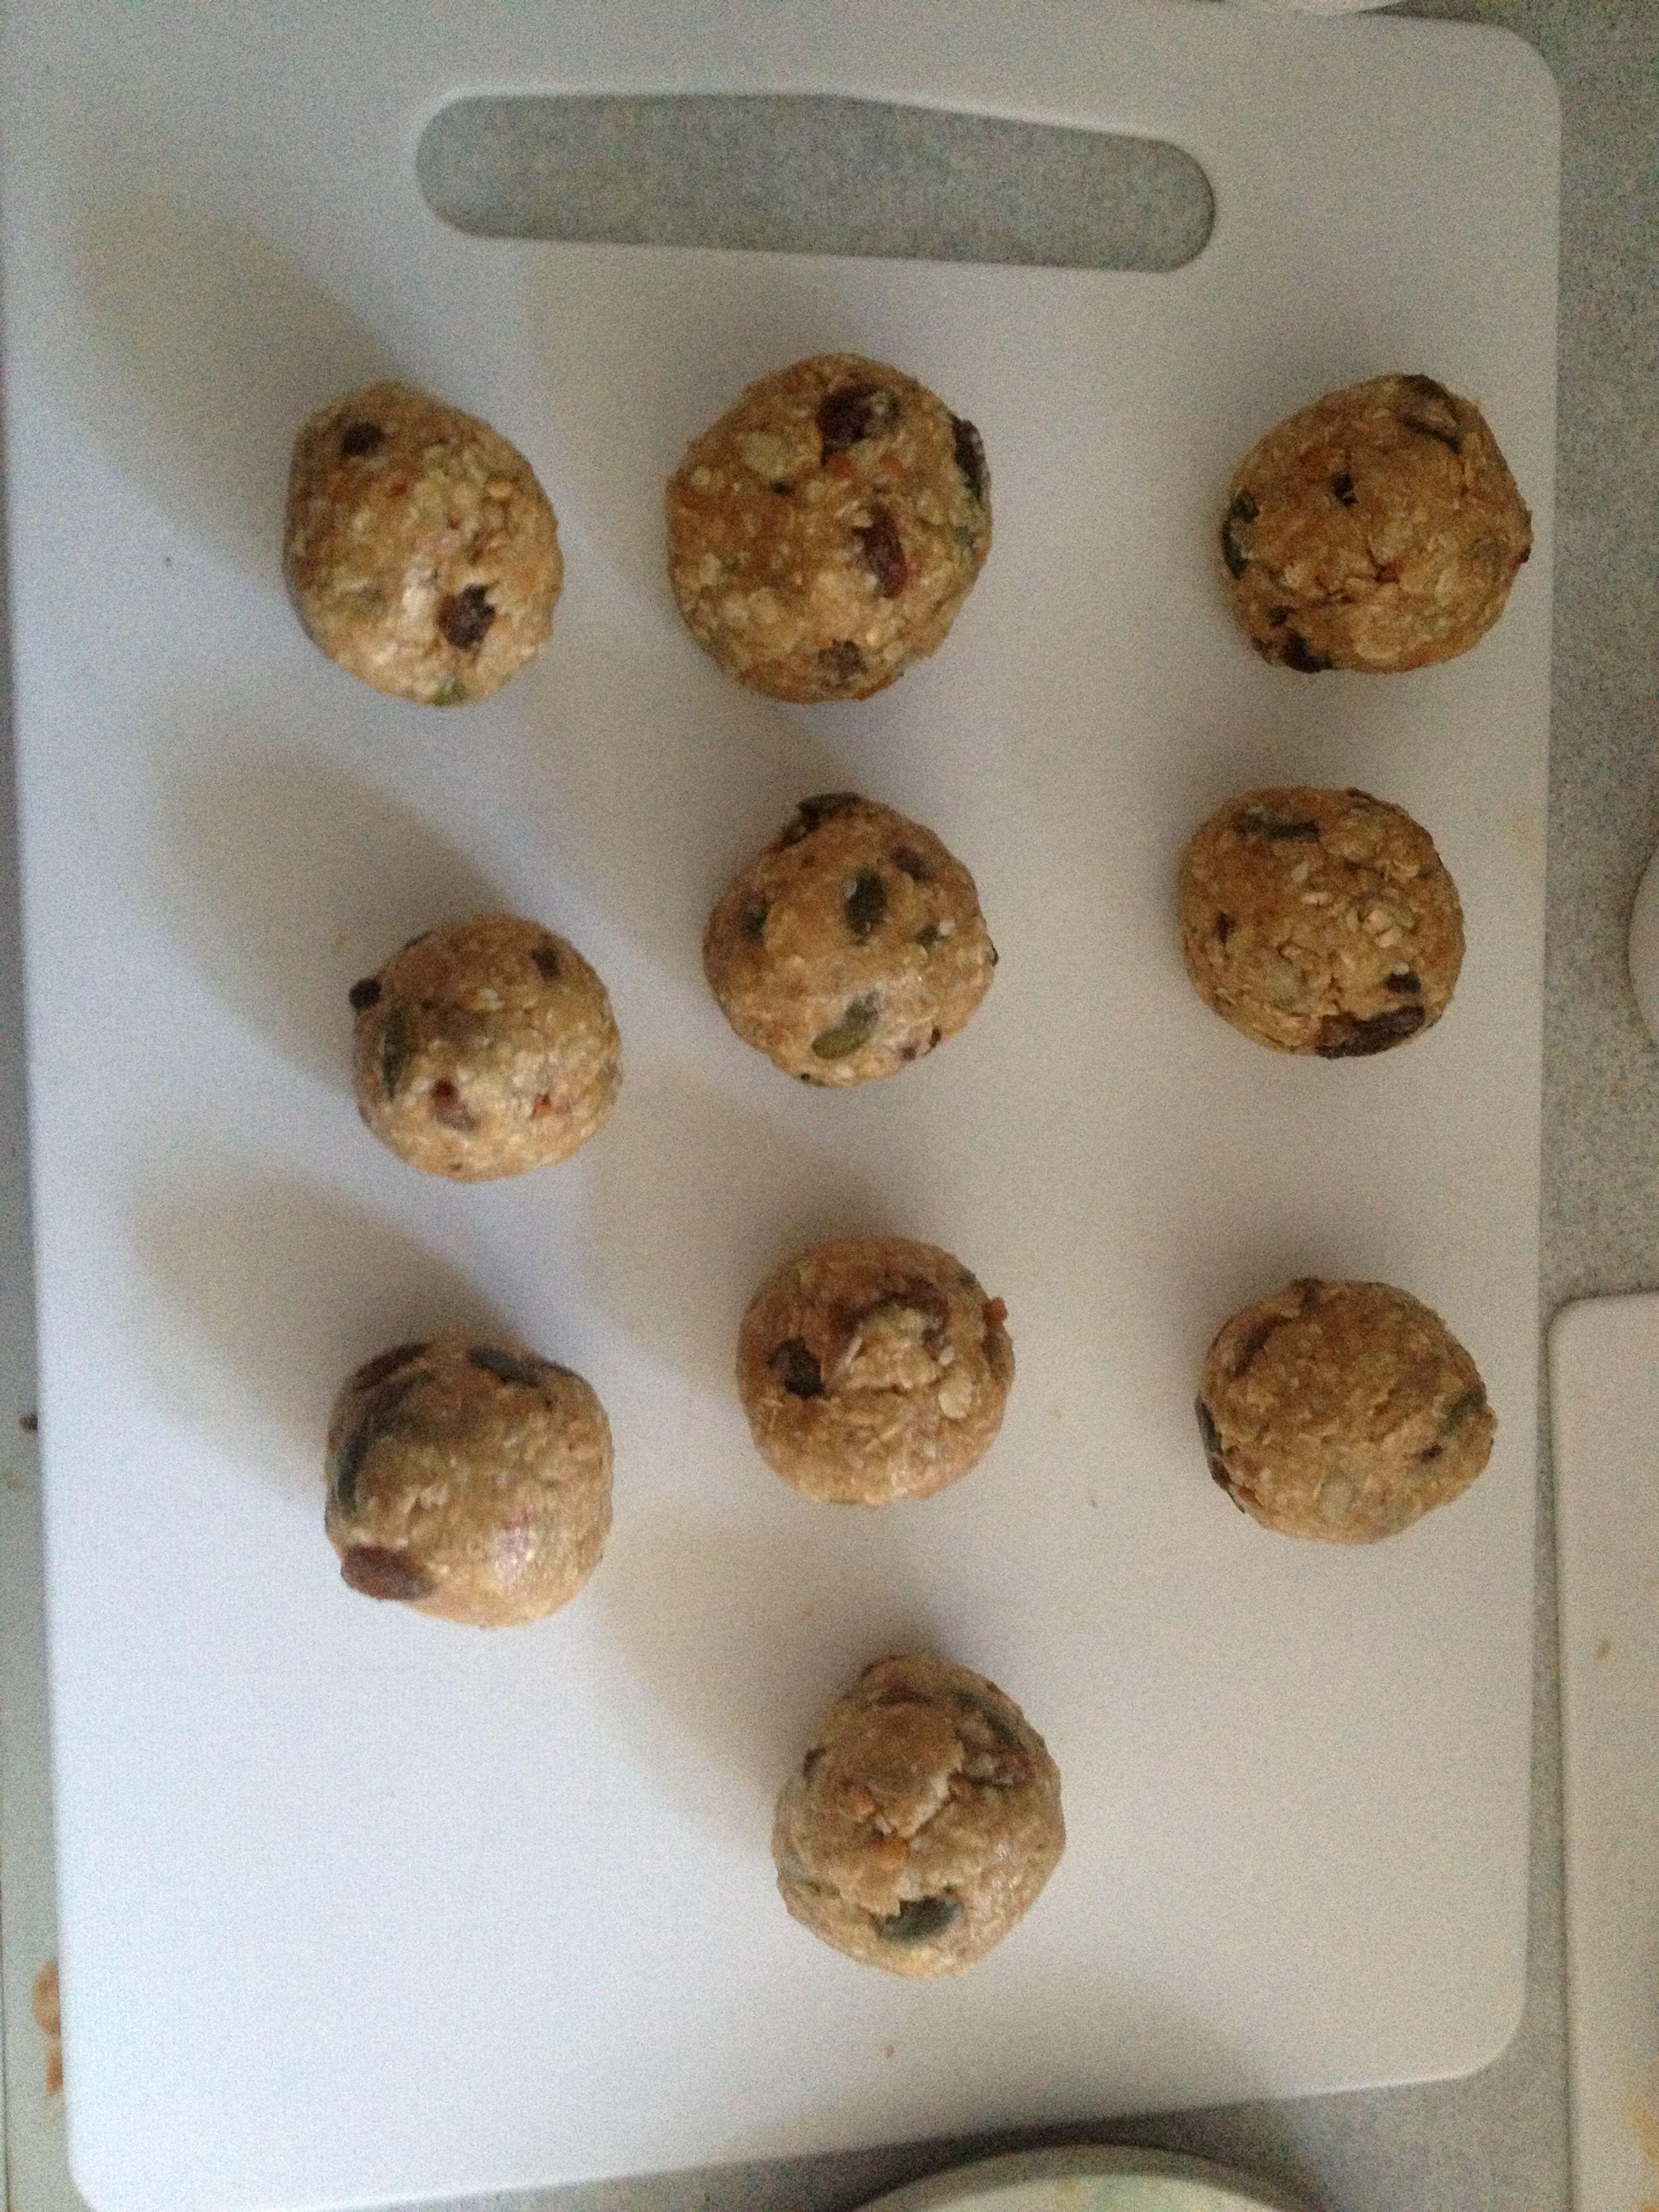 My no bake balls